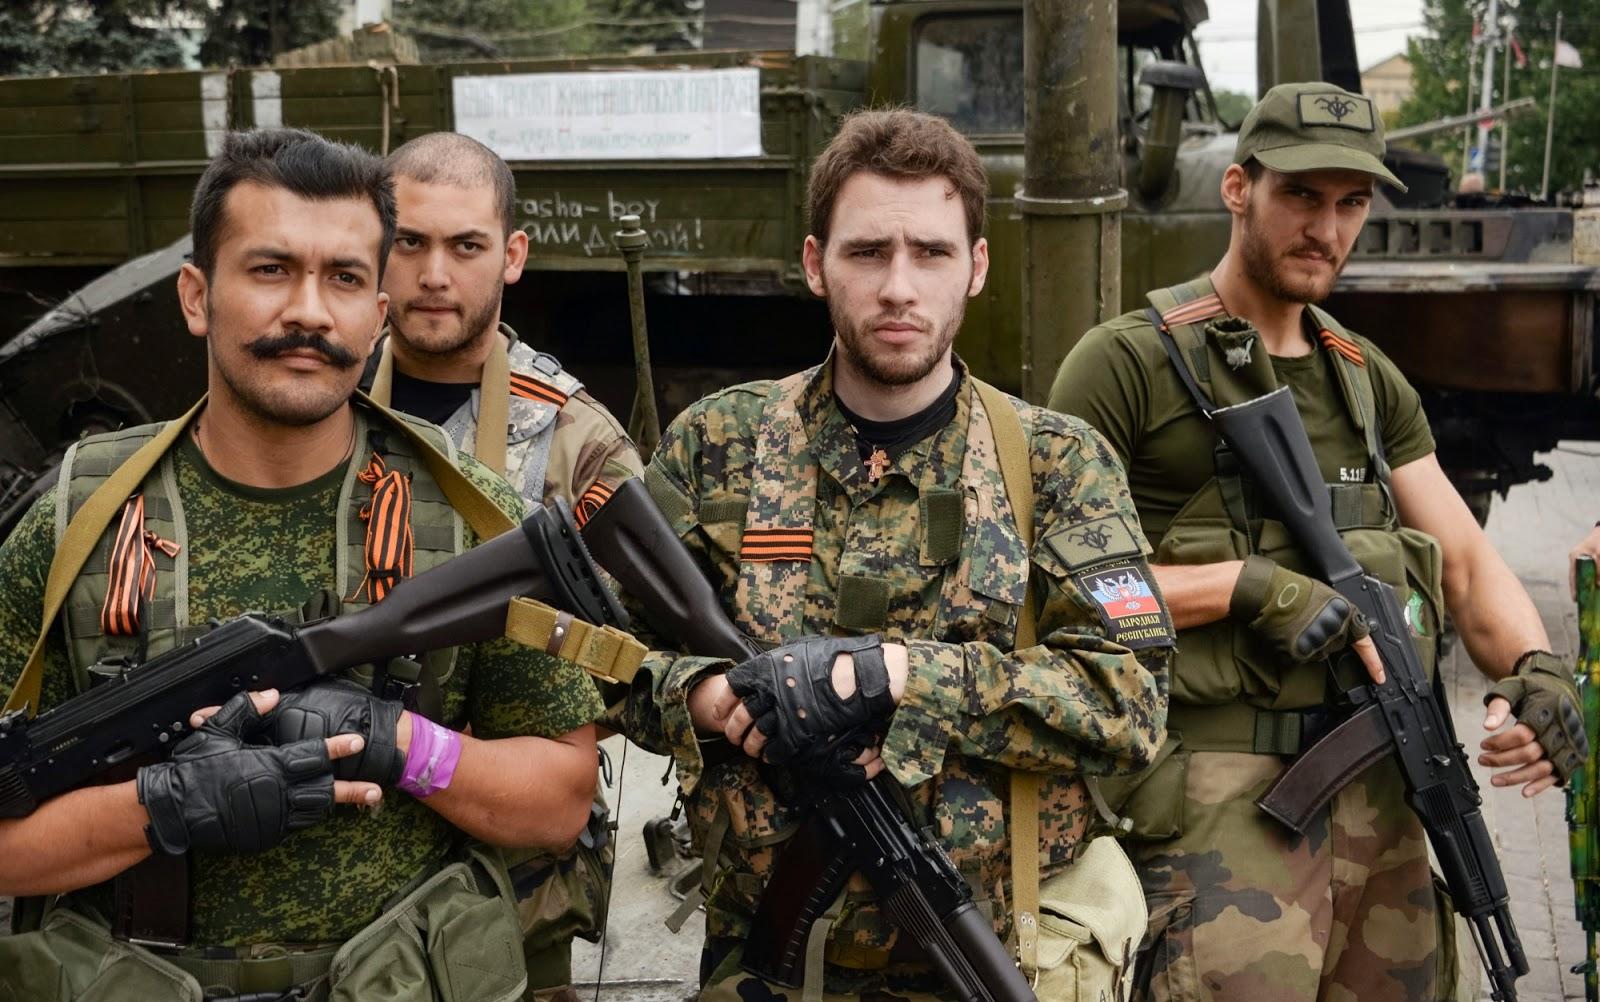 Гийом Кувелье (справа) на Донбассе. Фото: anton-shekhovtsov.blogspot.com